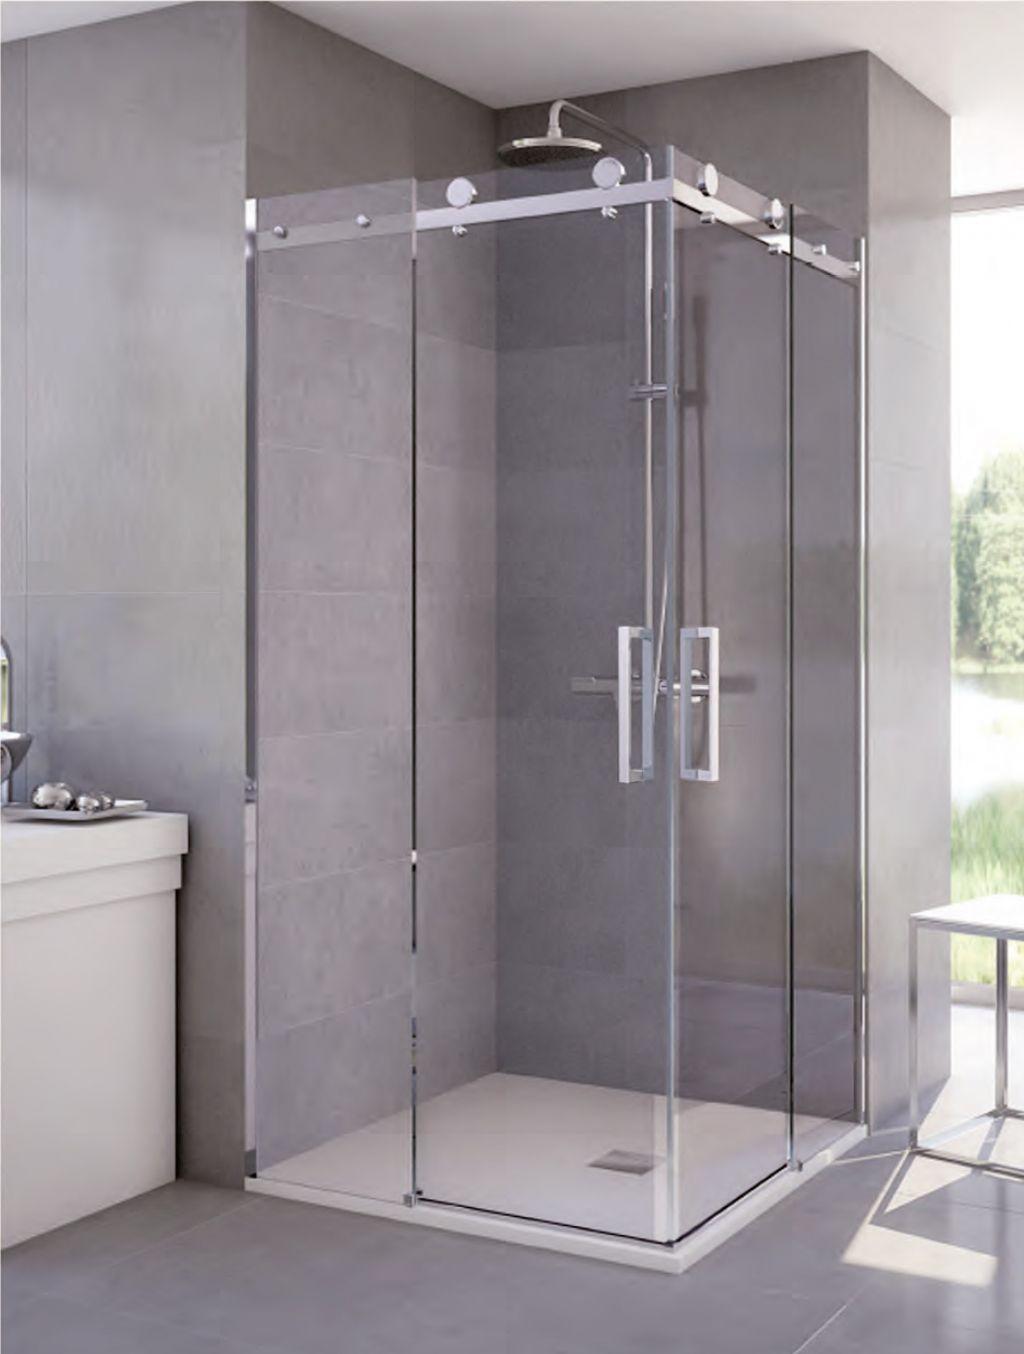 Mamparas de ducha la cristaler a de madrid for Tipos de mamparas para platos de ducha